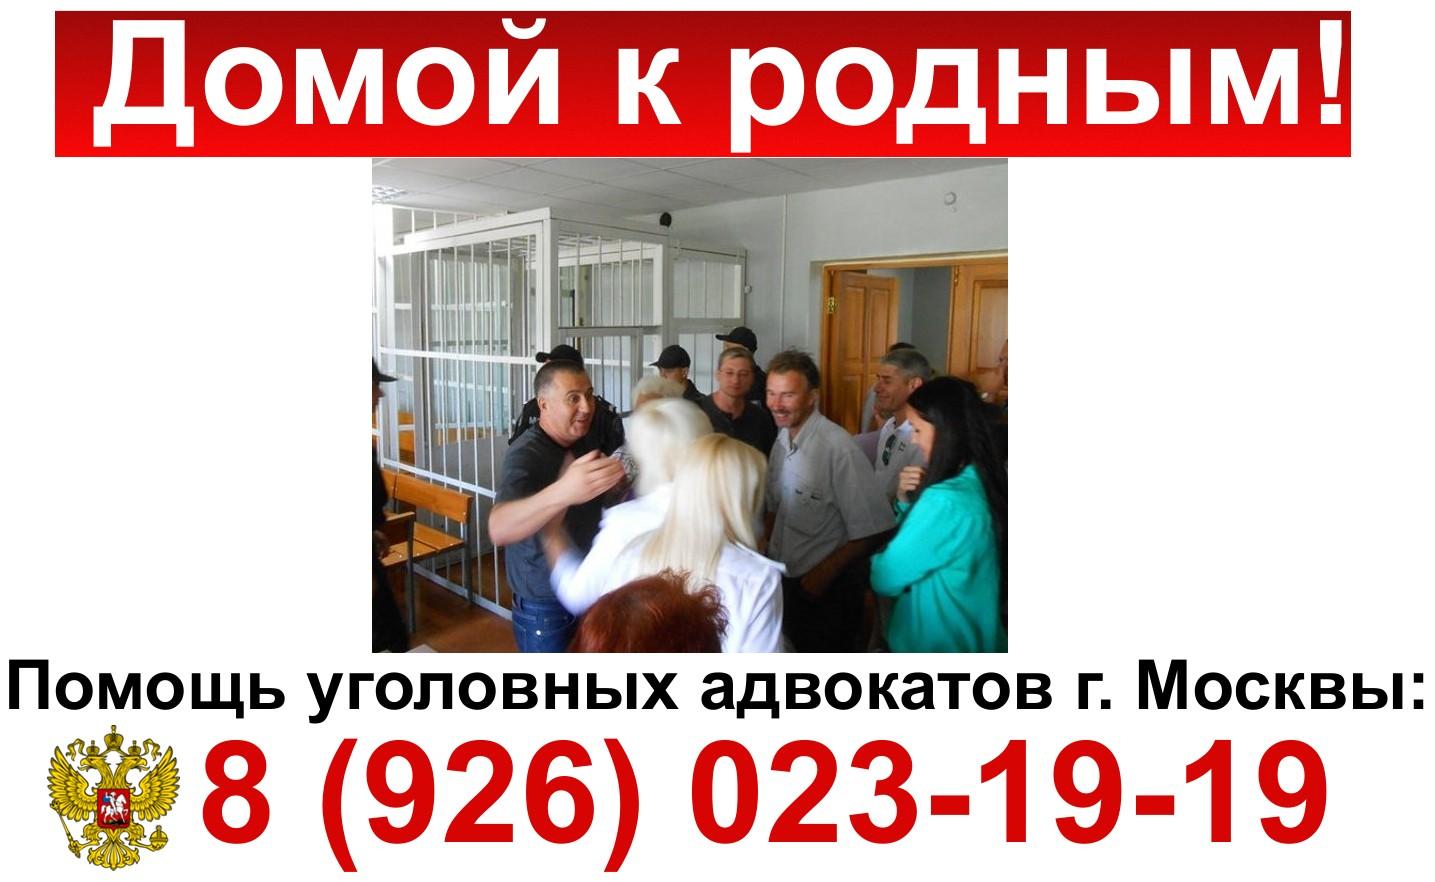 Адвокат по уголовным делам в Москве. Уголовный адвокат